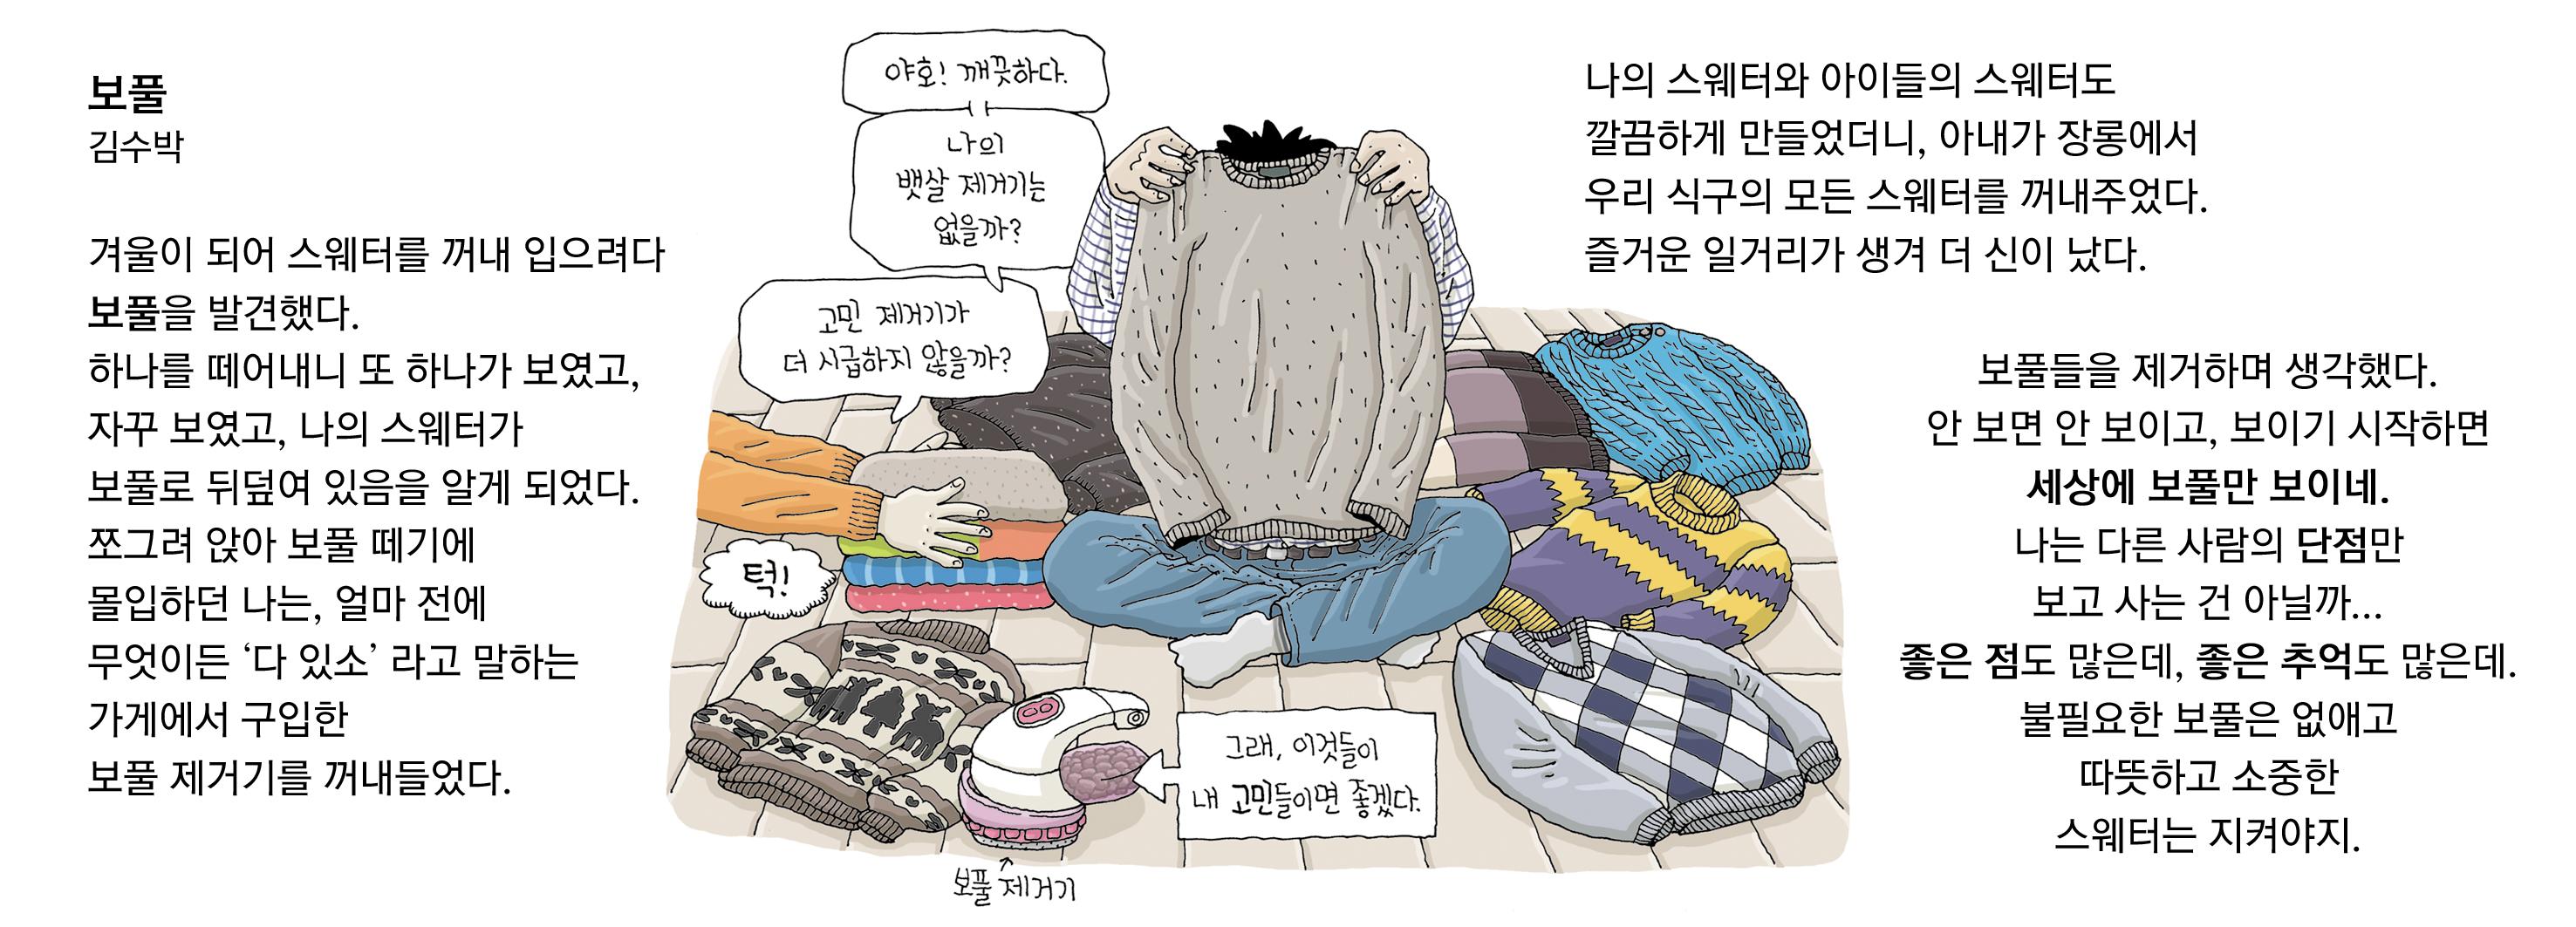 보풀-김수박(웹).jpg